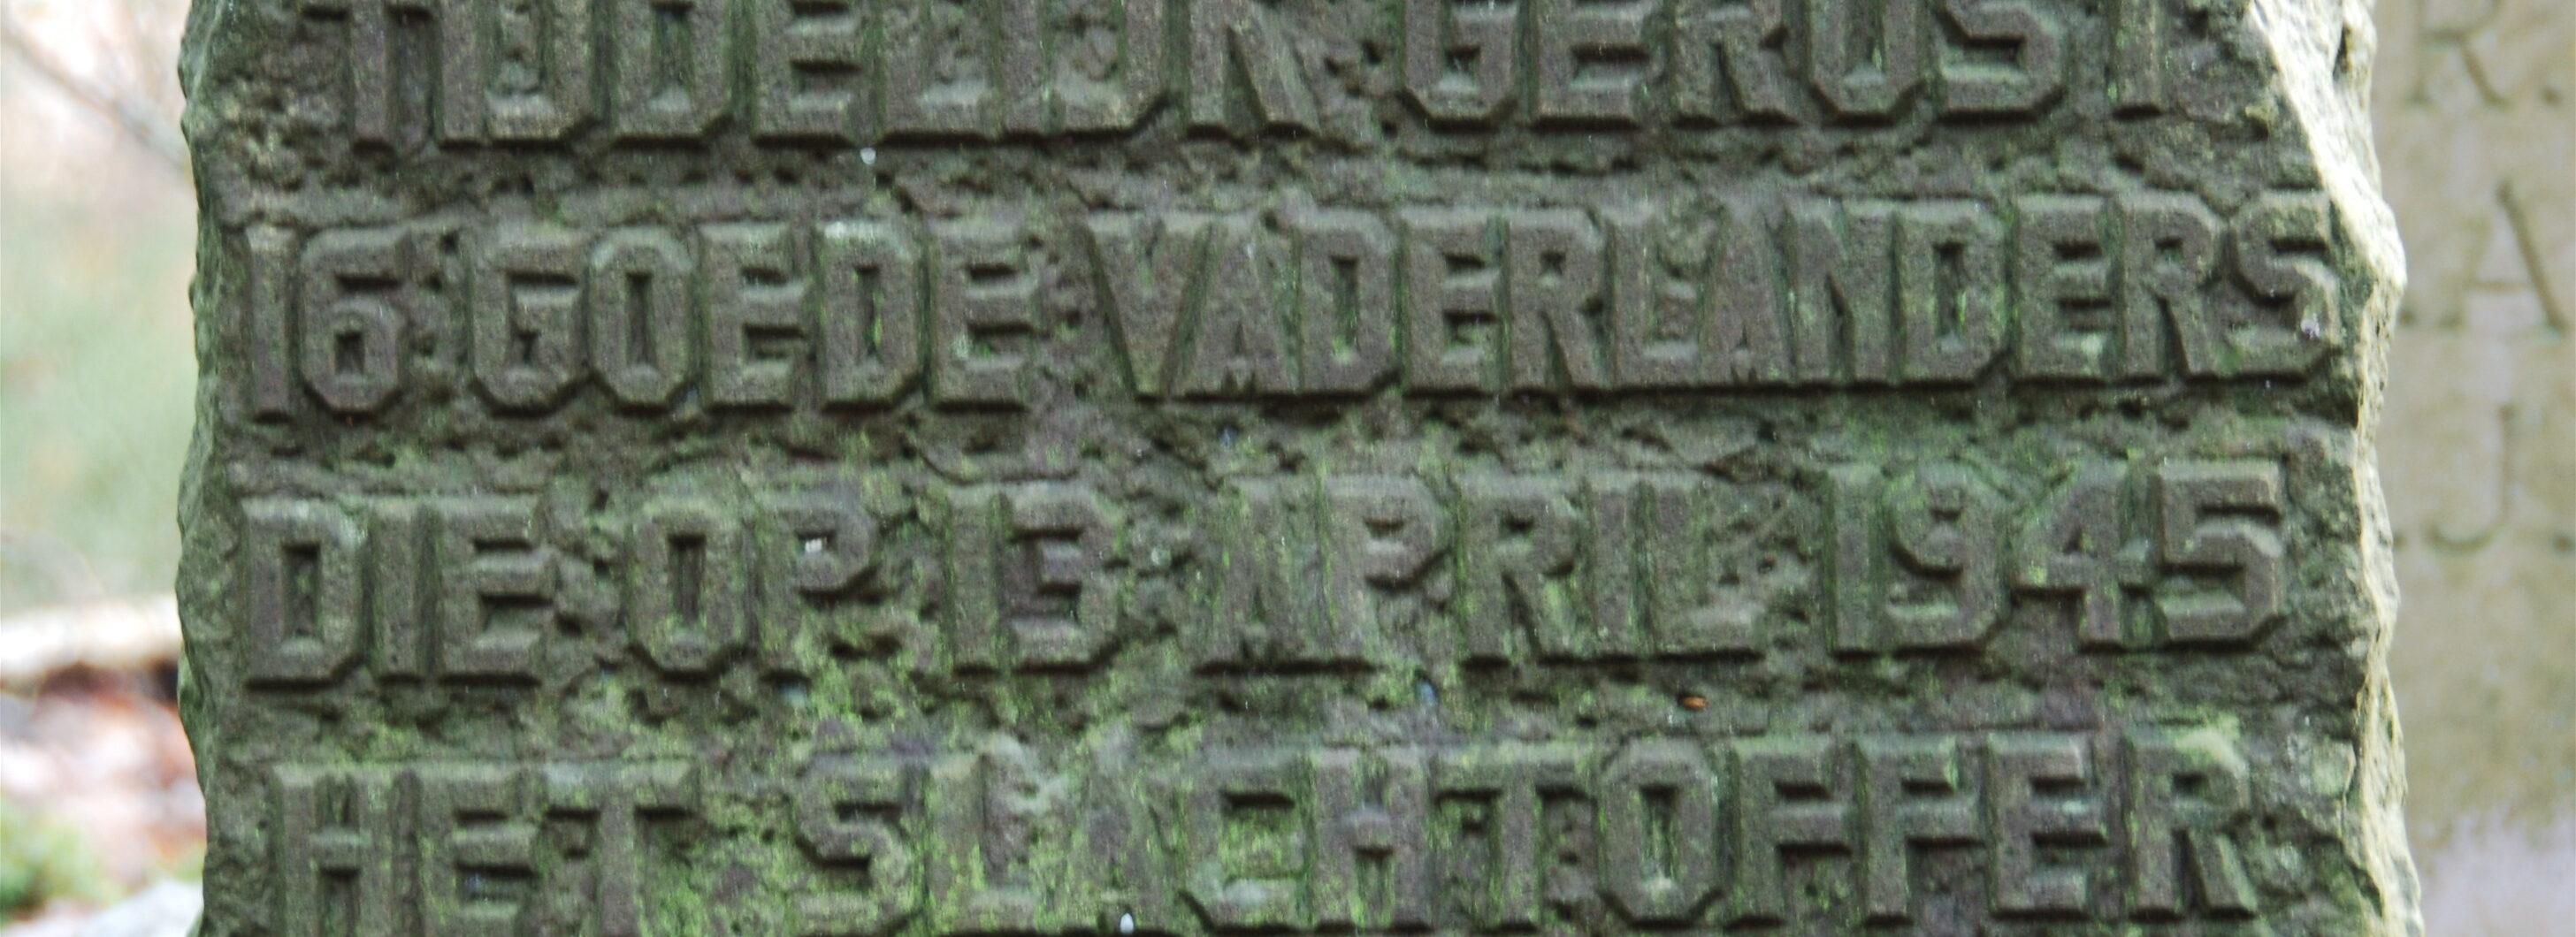 Hoog Soeren, monument in het Kruisjesdal